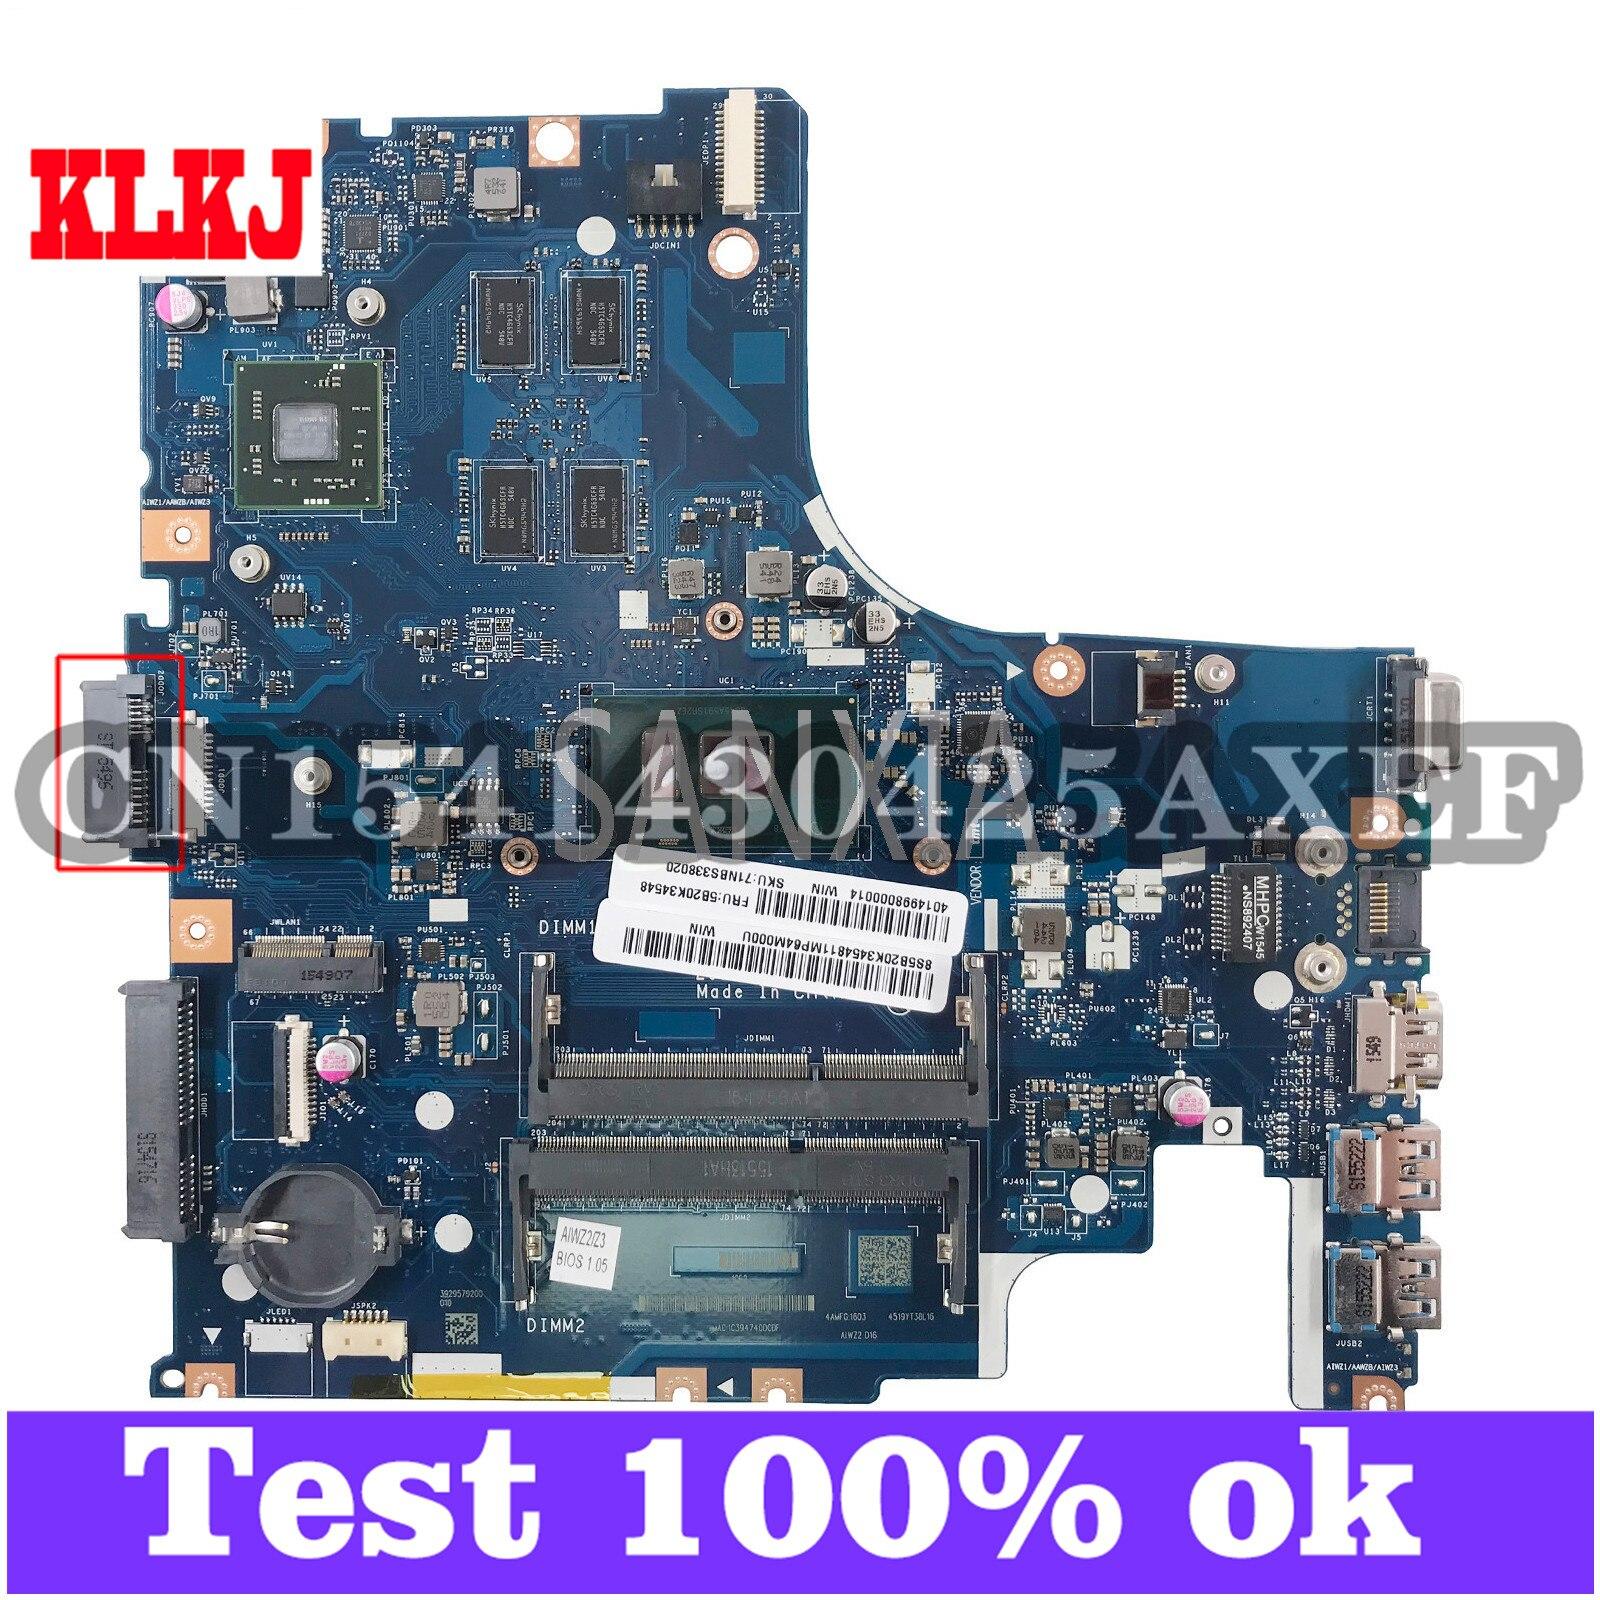 KLKJ LA-C851P اللوحة الأم لأجهزة الكمبيوتر المحمول لينوفو Ideapad 500-14ISK I7-6500U اللوحة الرئيسية الأصلية مع بطاقة الفيديو